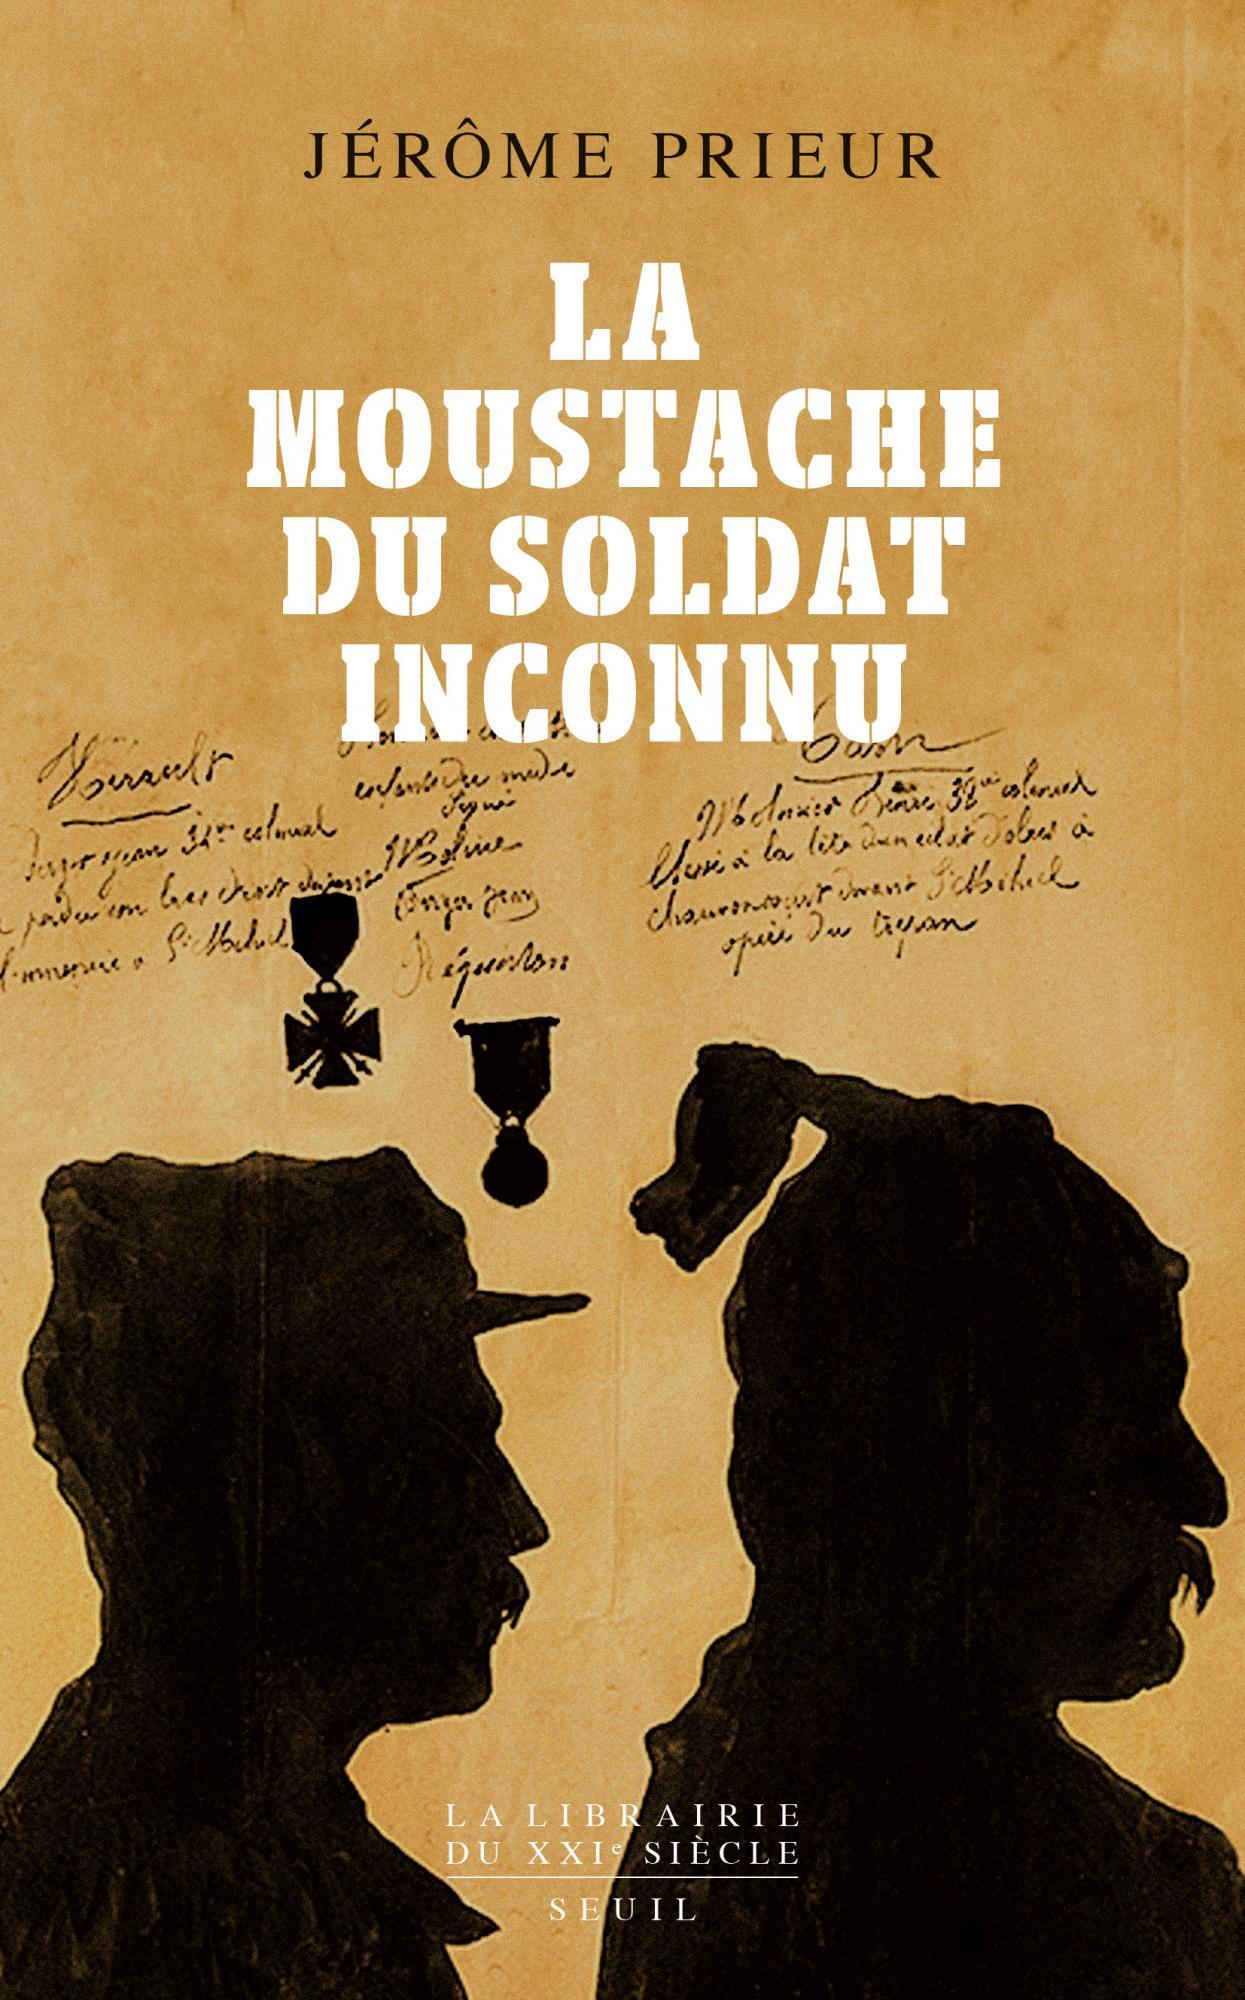 J. Prieur, La moustache du soldat inconnu